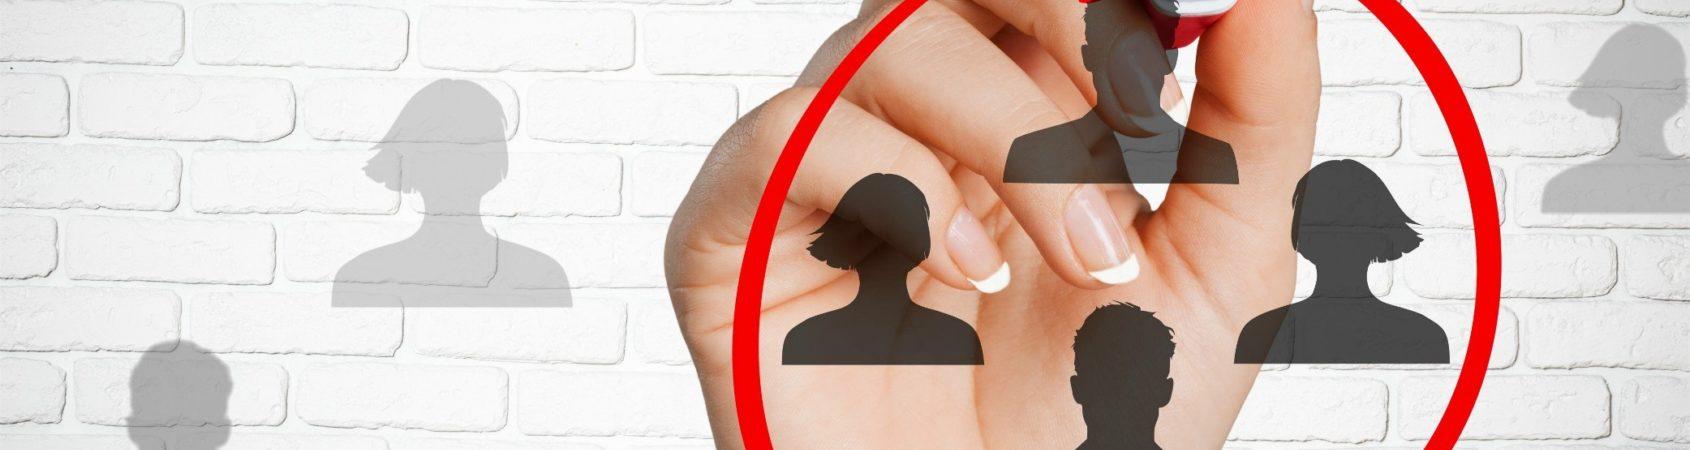 7 méthodes de ciblage publicitaire pour vos campagnes en ligne